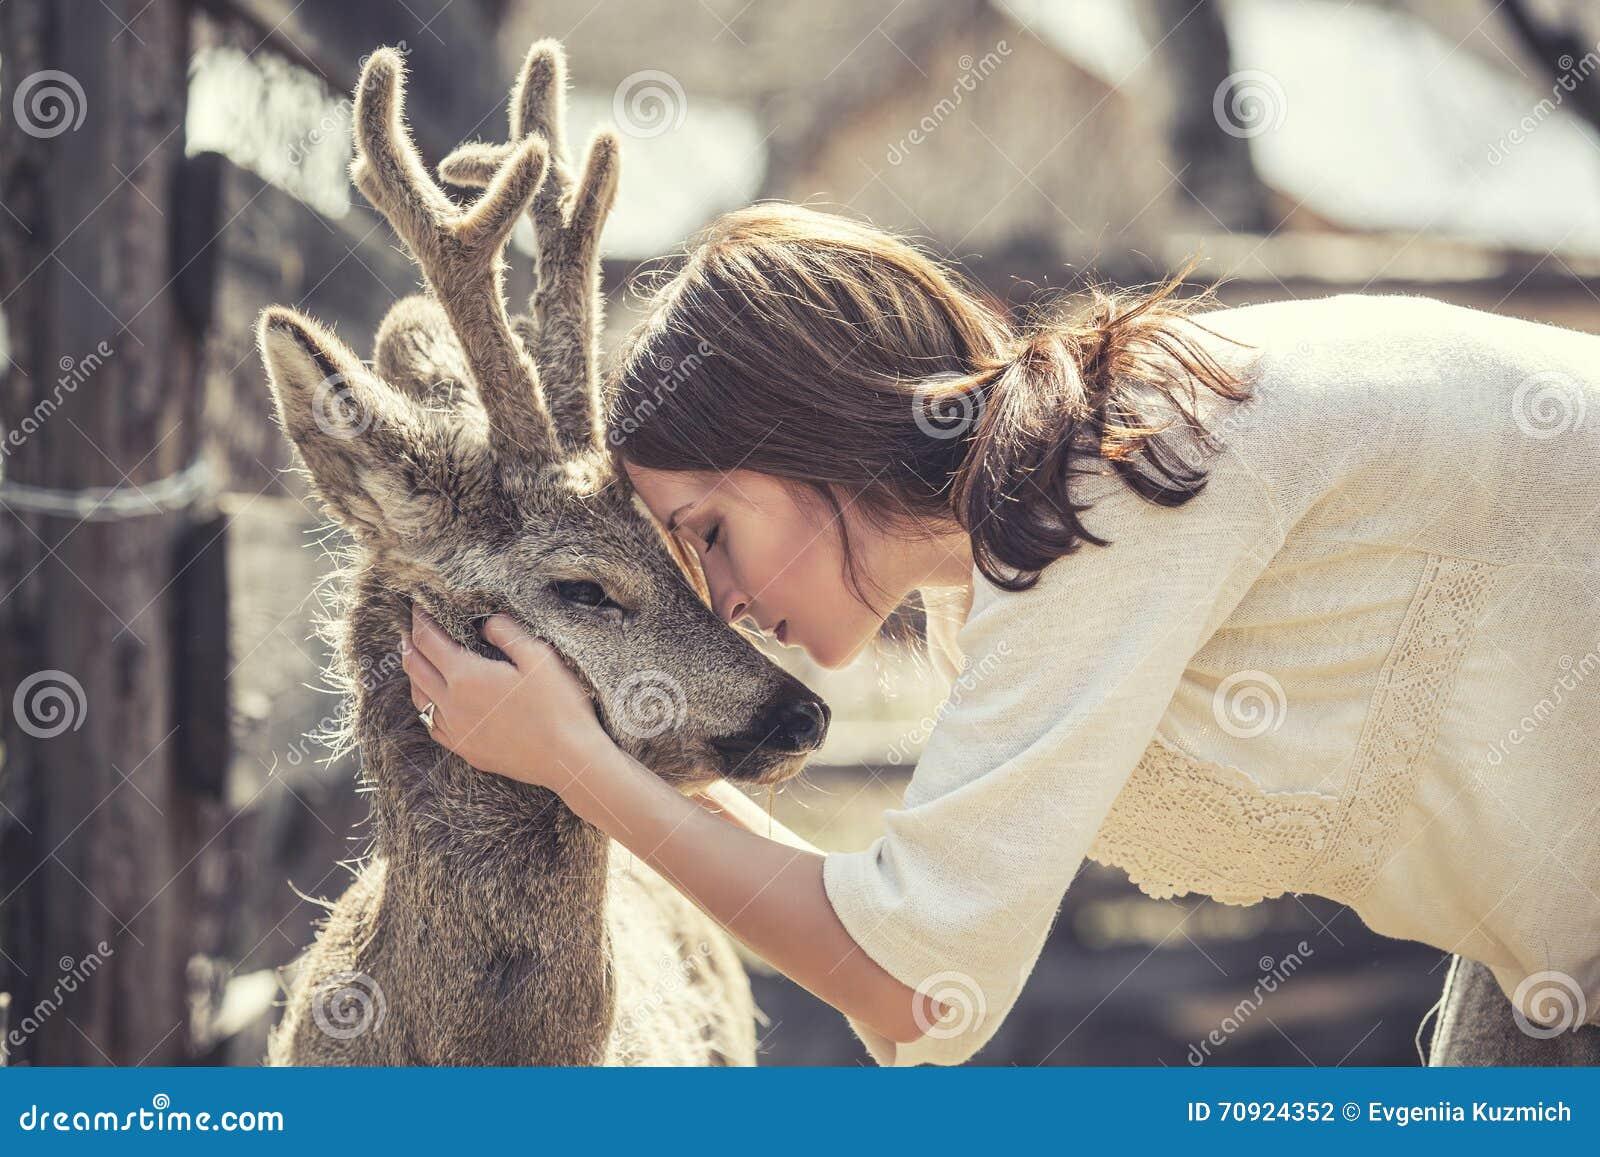 年轻美丽的妇女在阳光下的拥抱动物狍